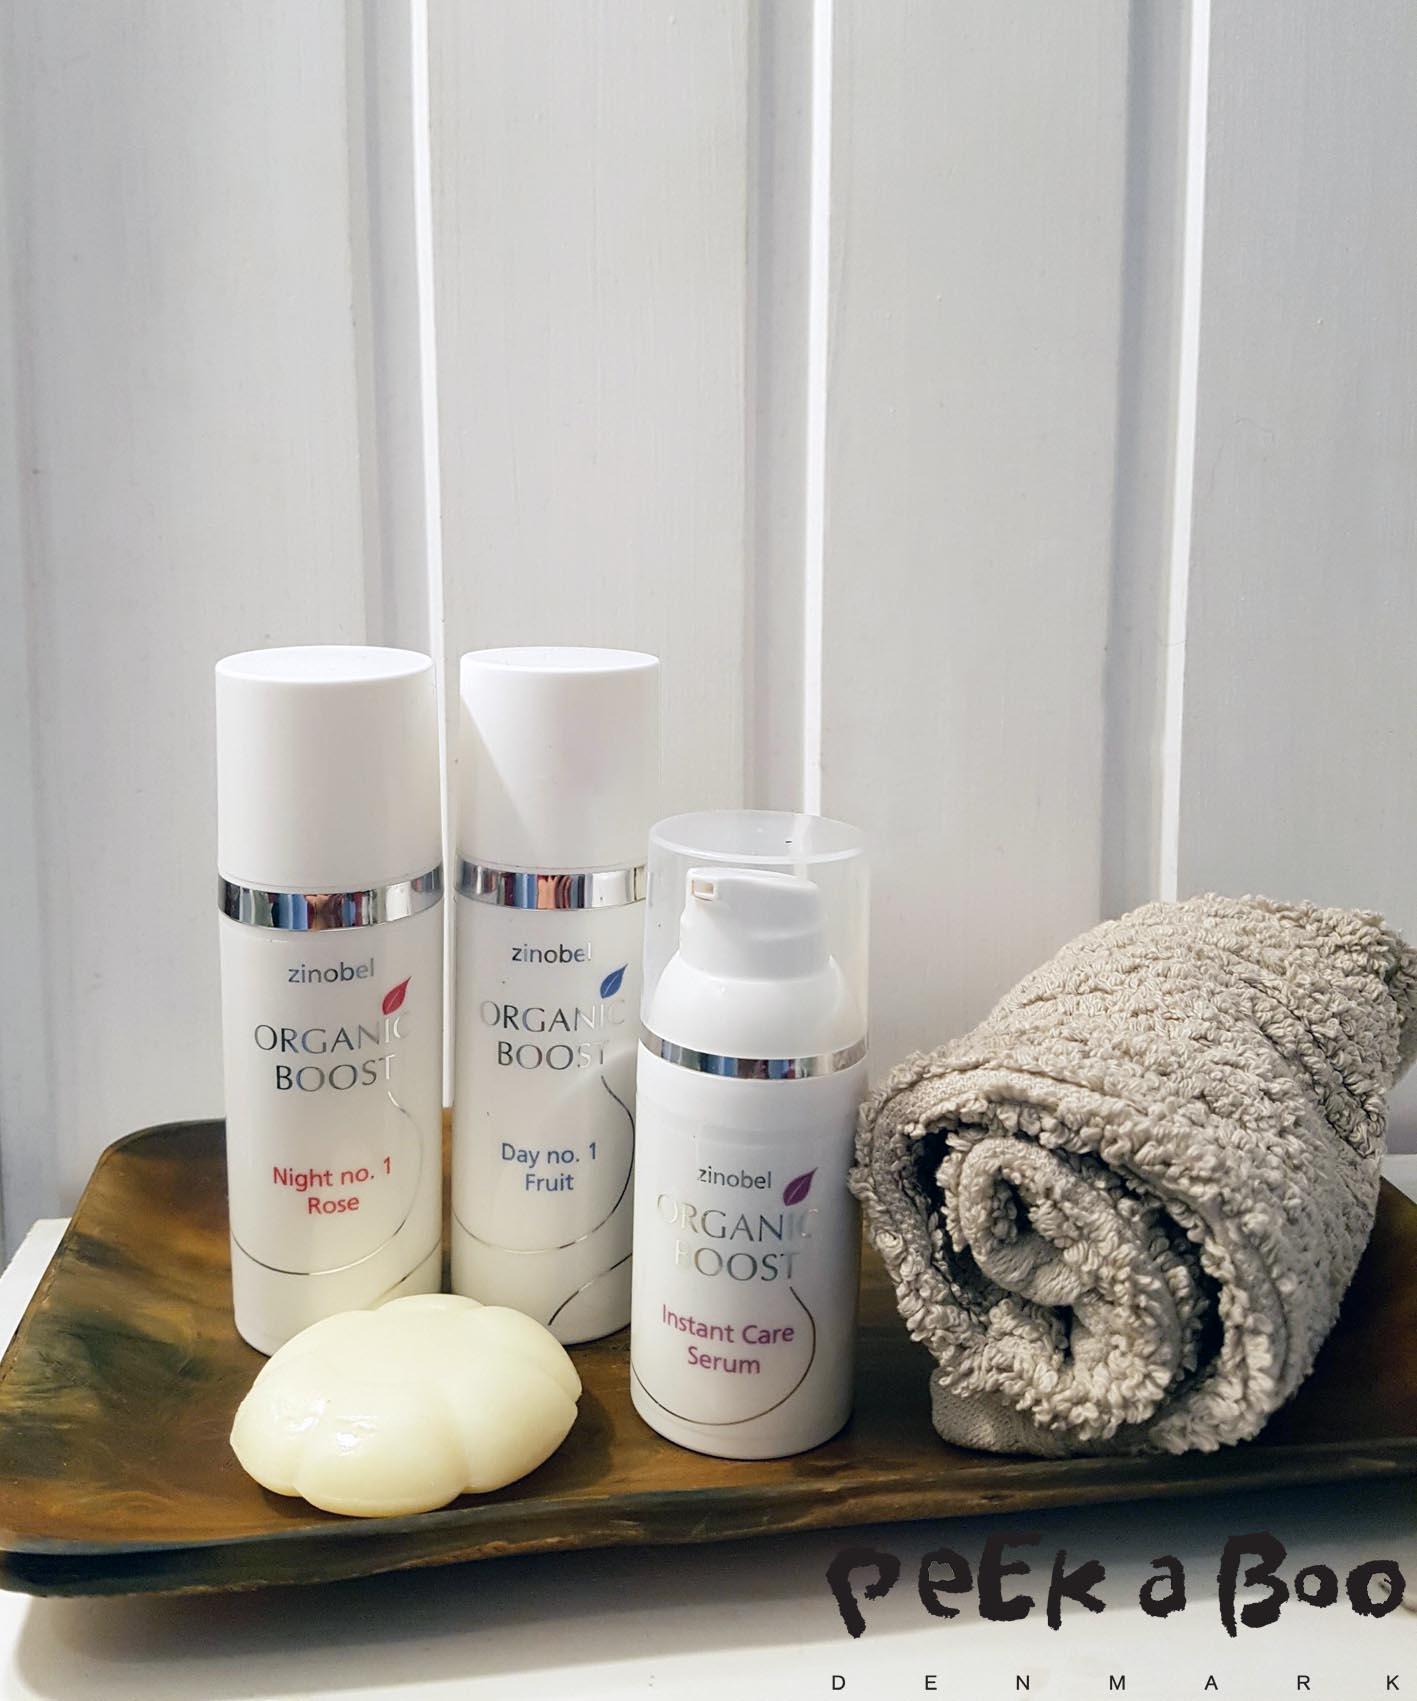 Zinobel anti-aging serum, day cream and night cream.